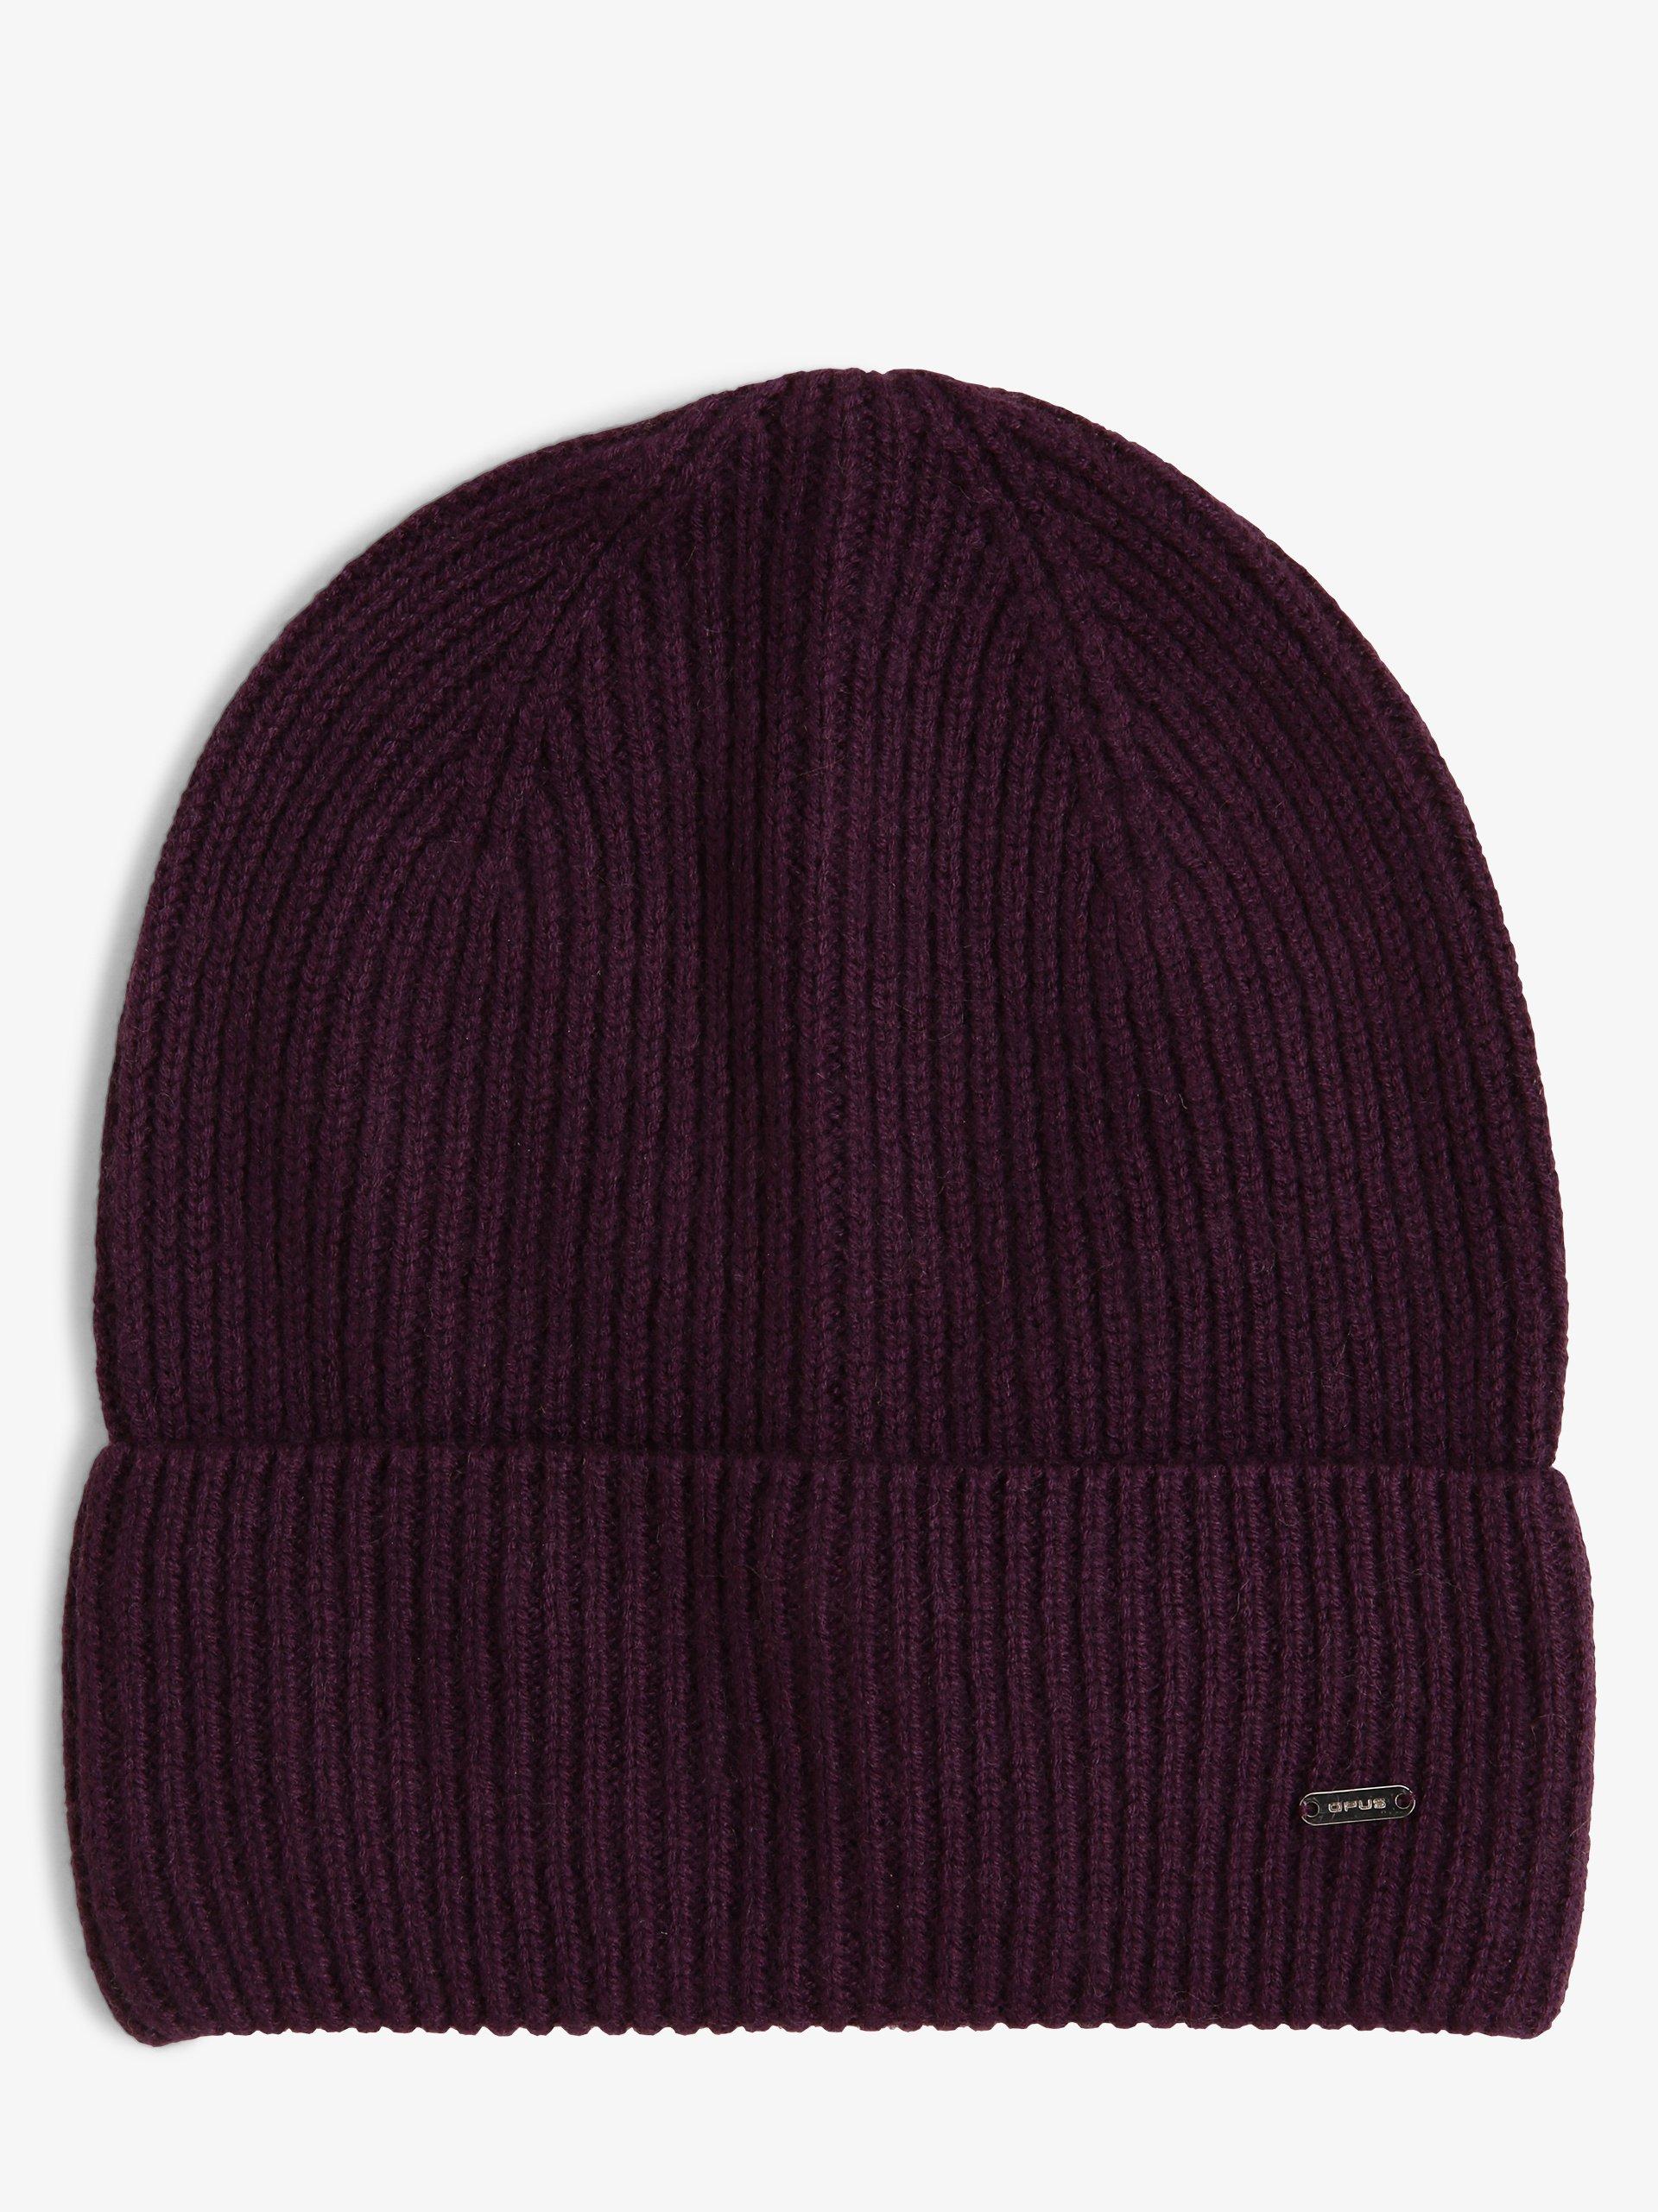 Opus Damen Mütze mit Cashmere-Anteil - Alasi cap